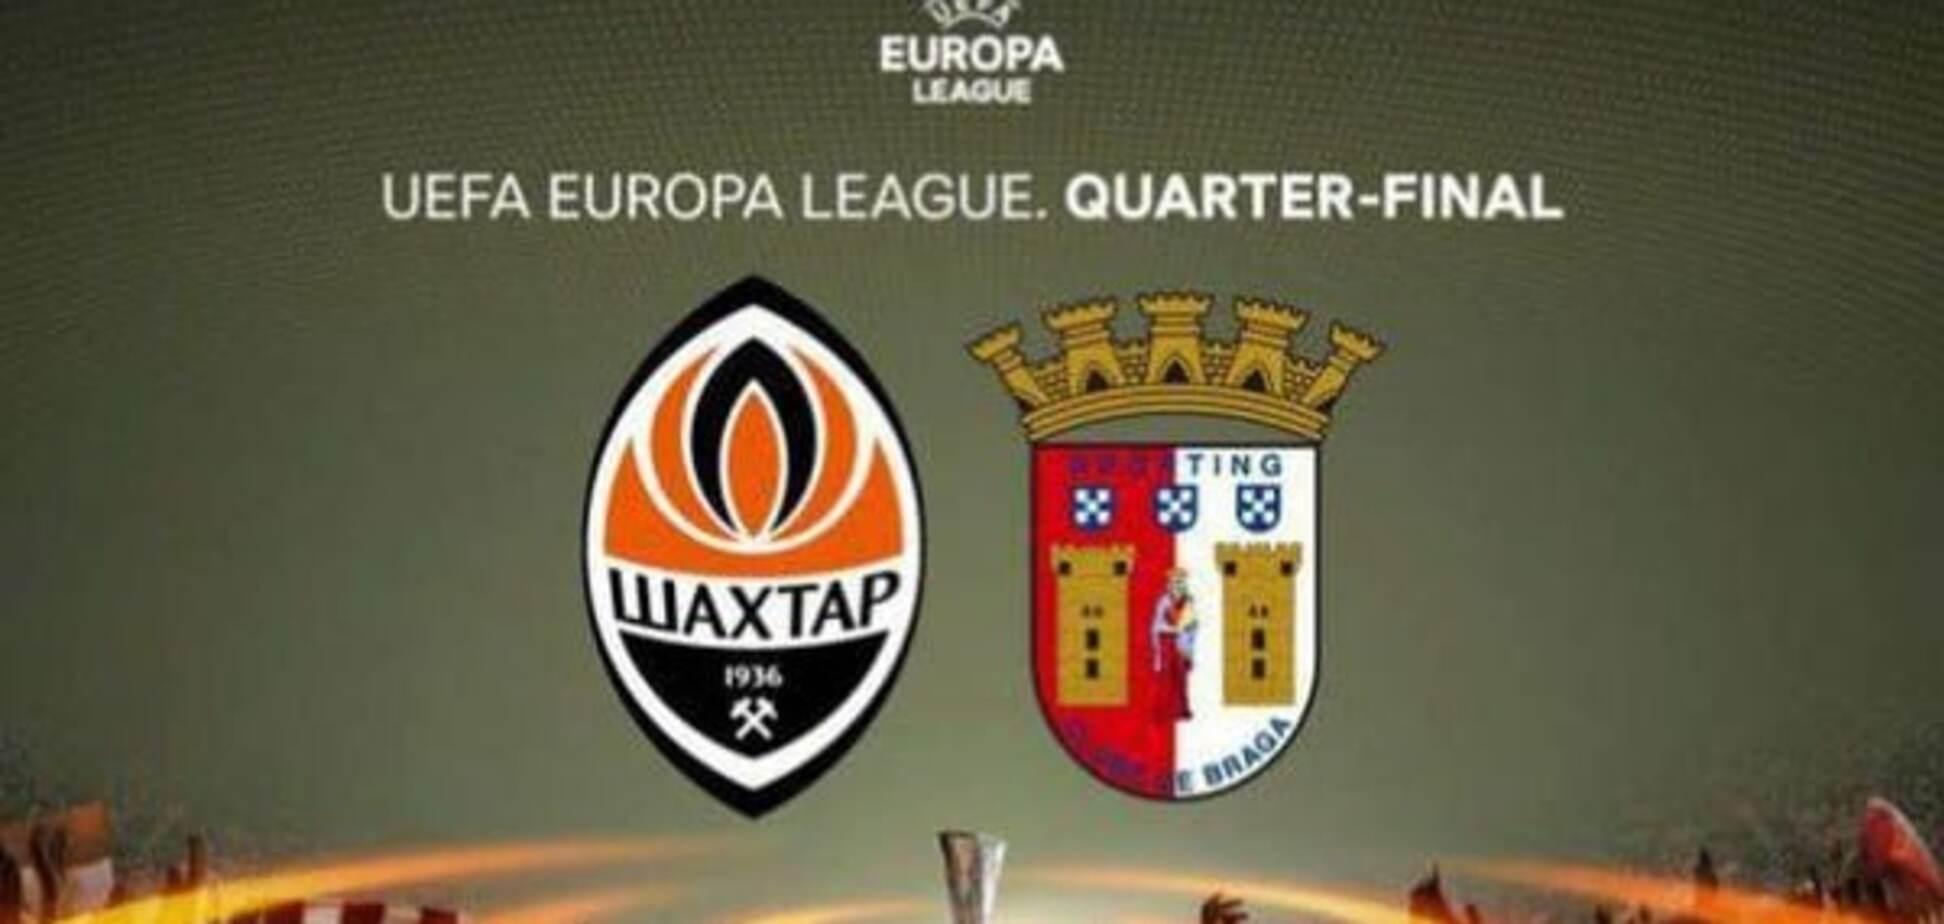 'Шахтар' - 'Брага': анонс, прогноз, де дивитися матч 1/4 фіналу Ліги Європи